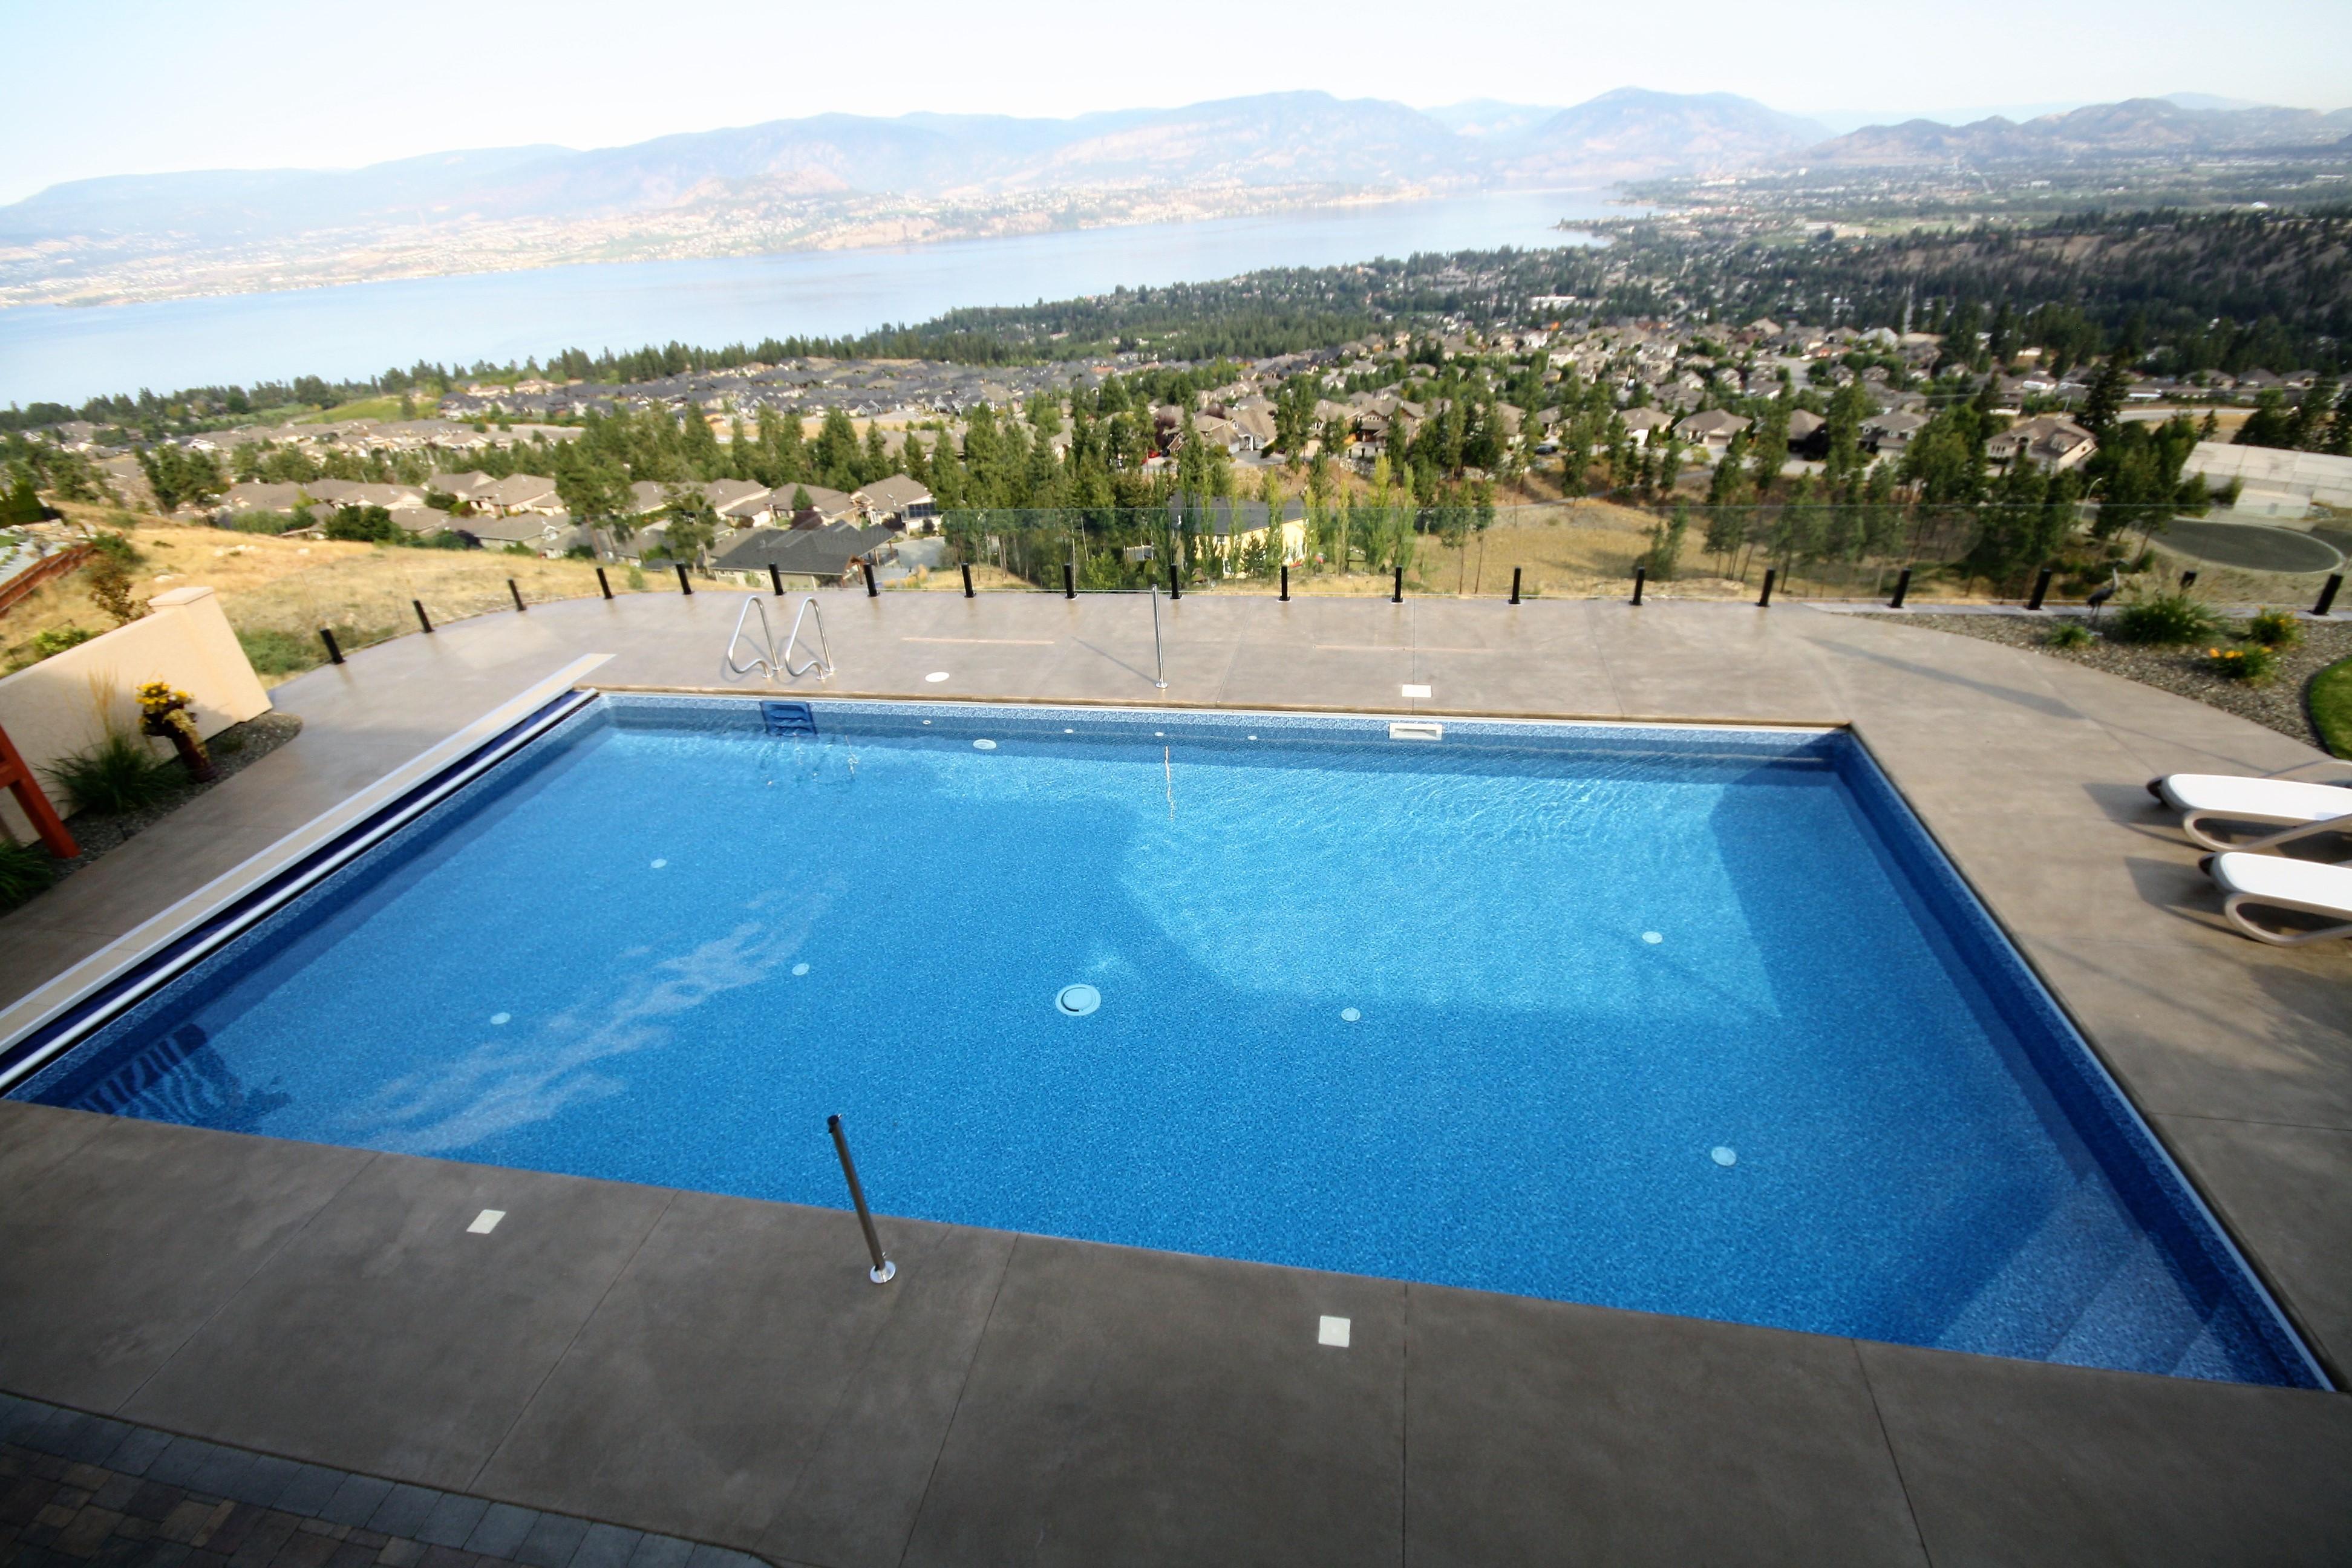 Swimming pool builders kelowna decor23 for Pool design kelowna